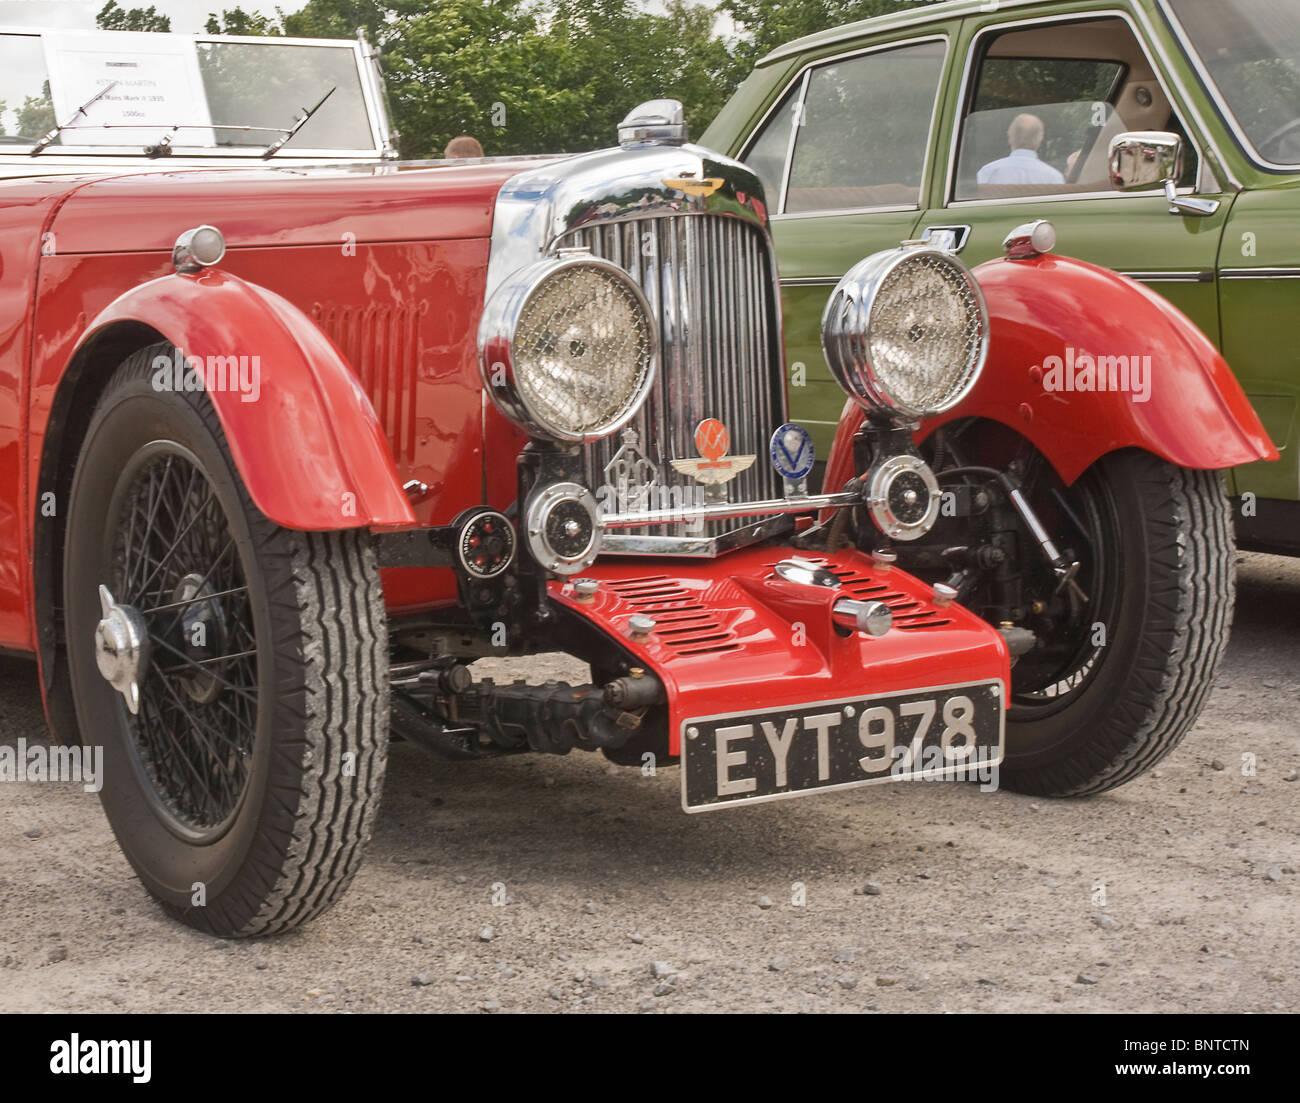 Aston Martin Le Mans 1935 motor car - Stock Image